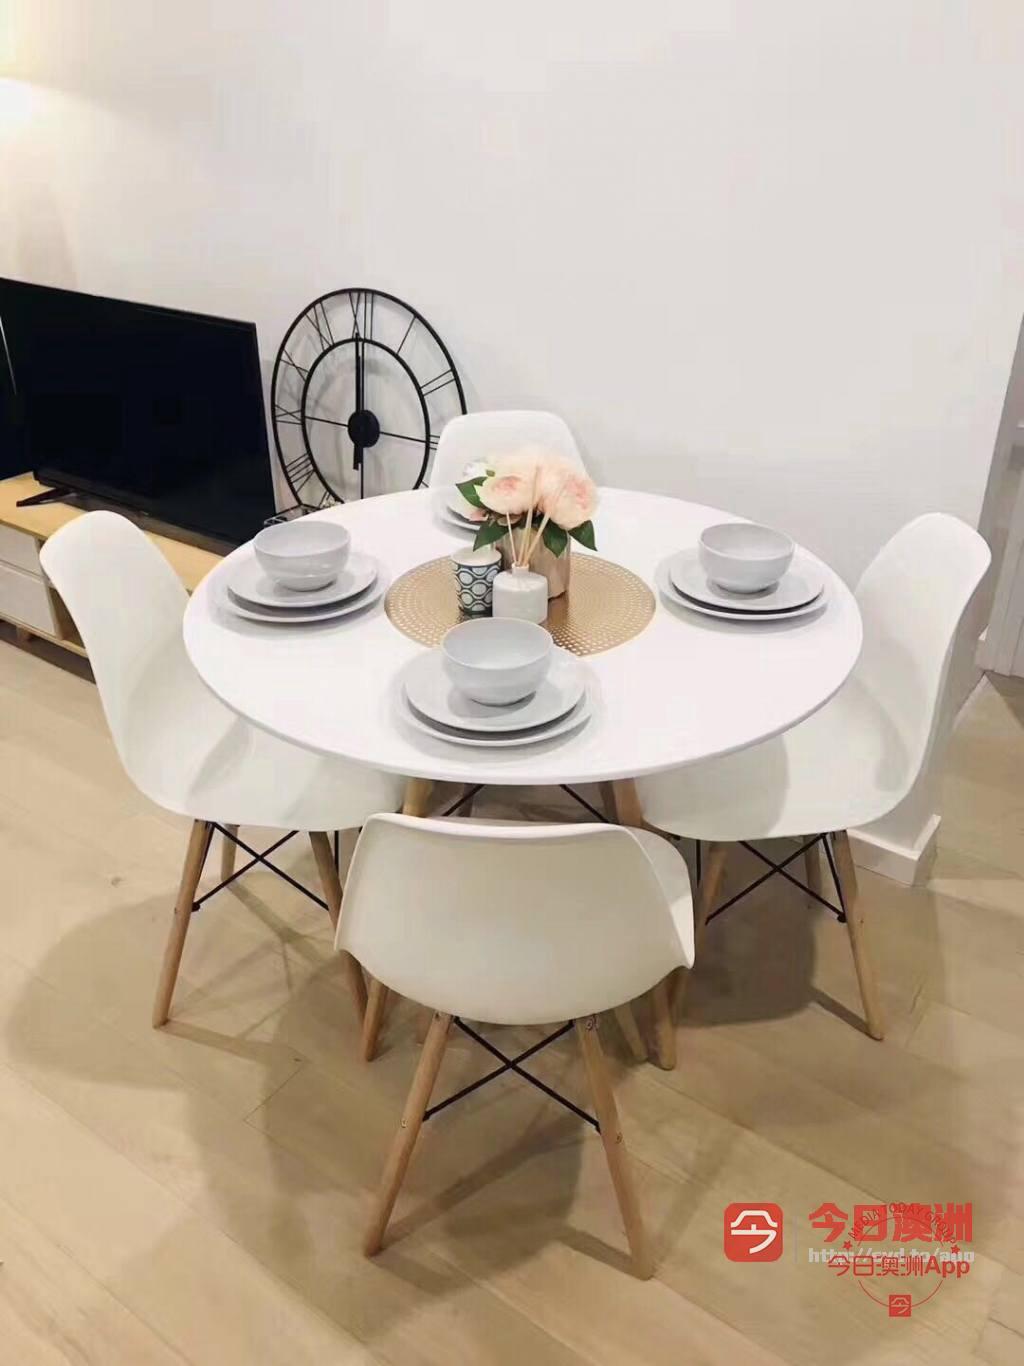 欧式全新餐桌椅 到货